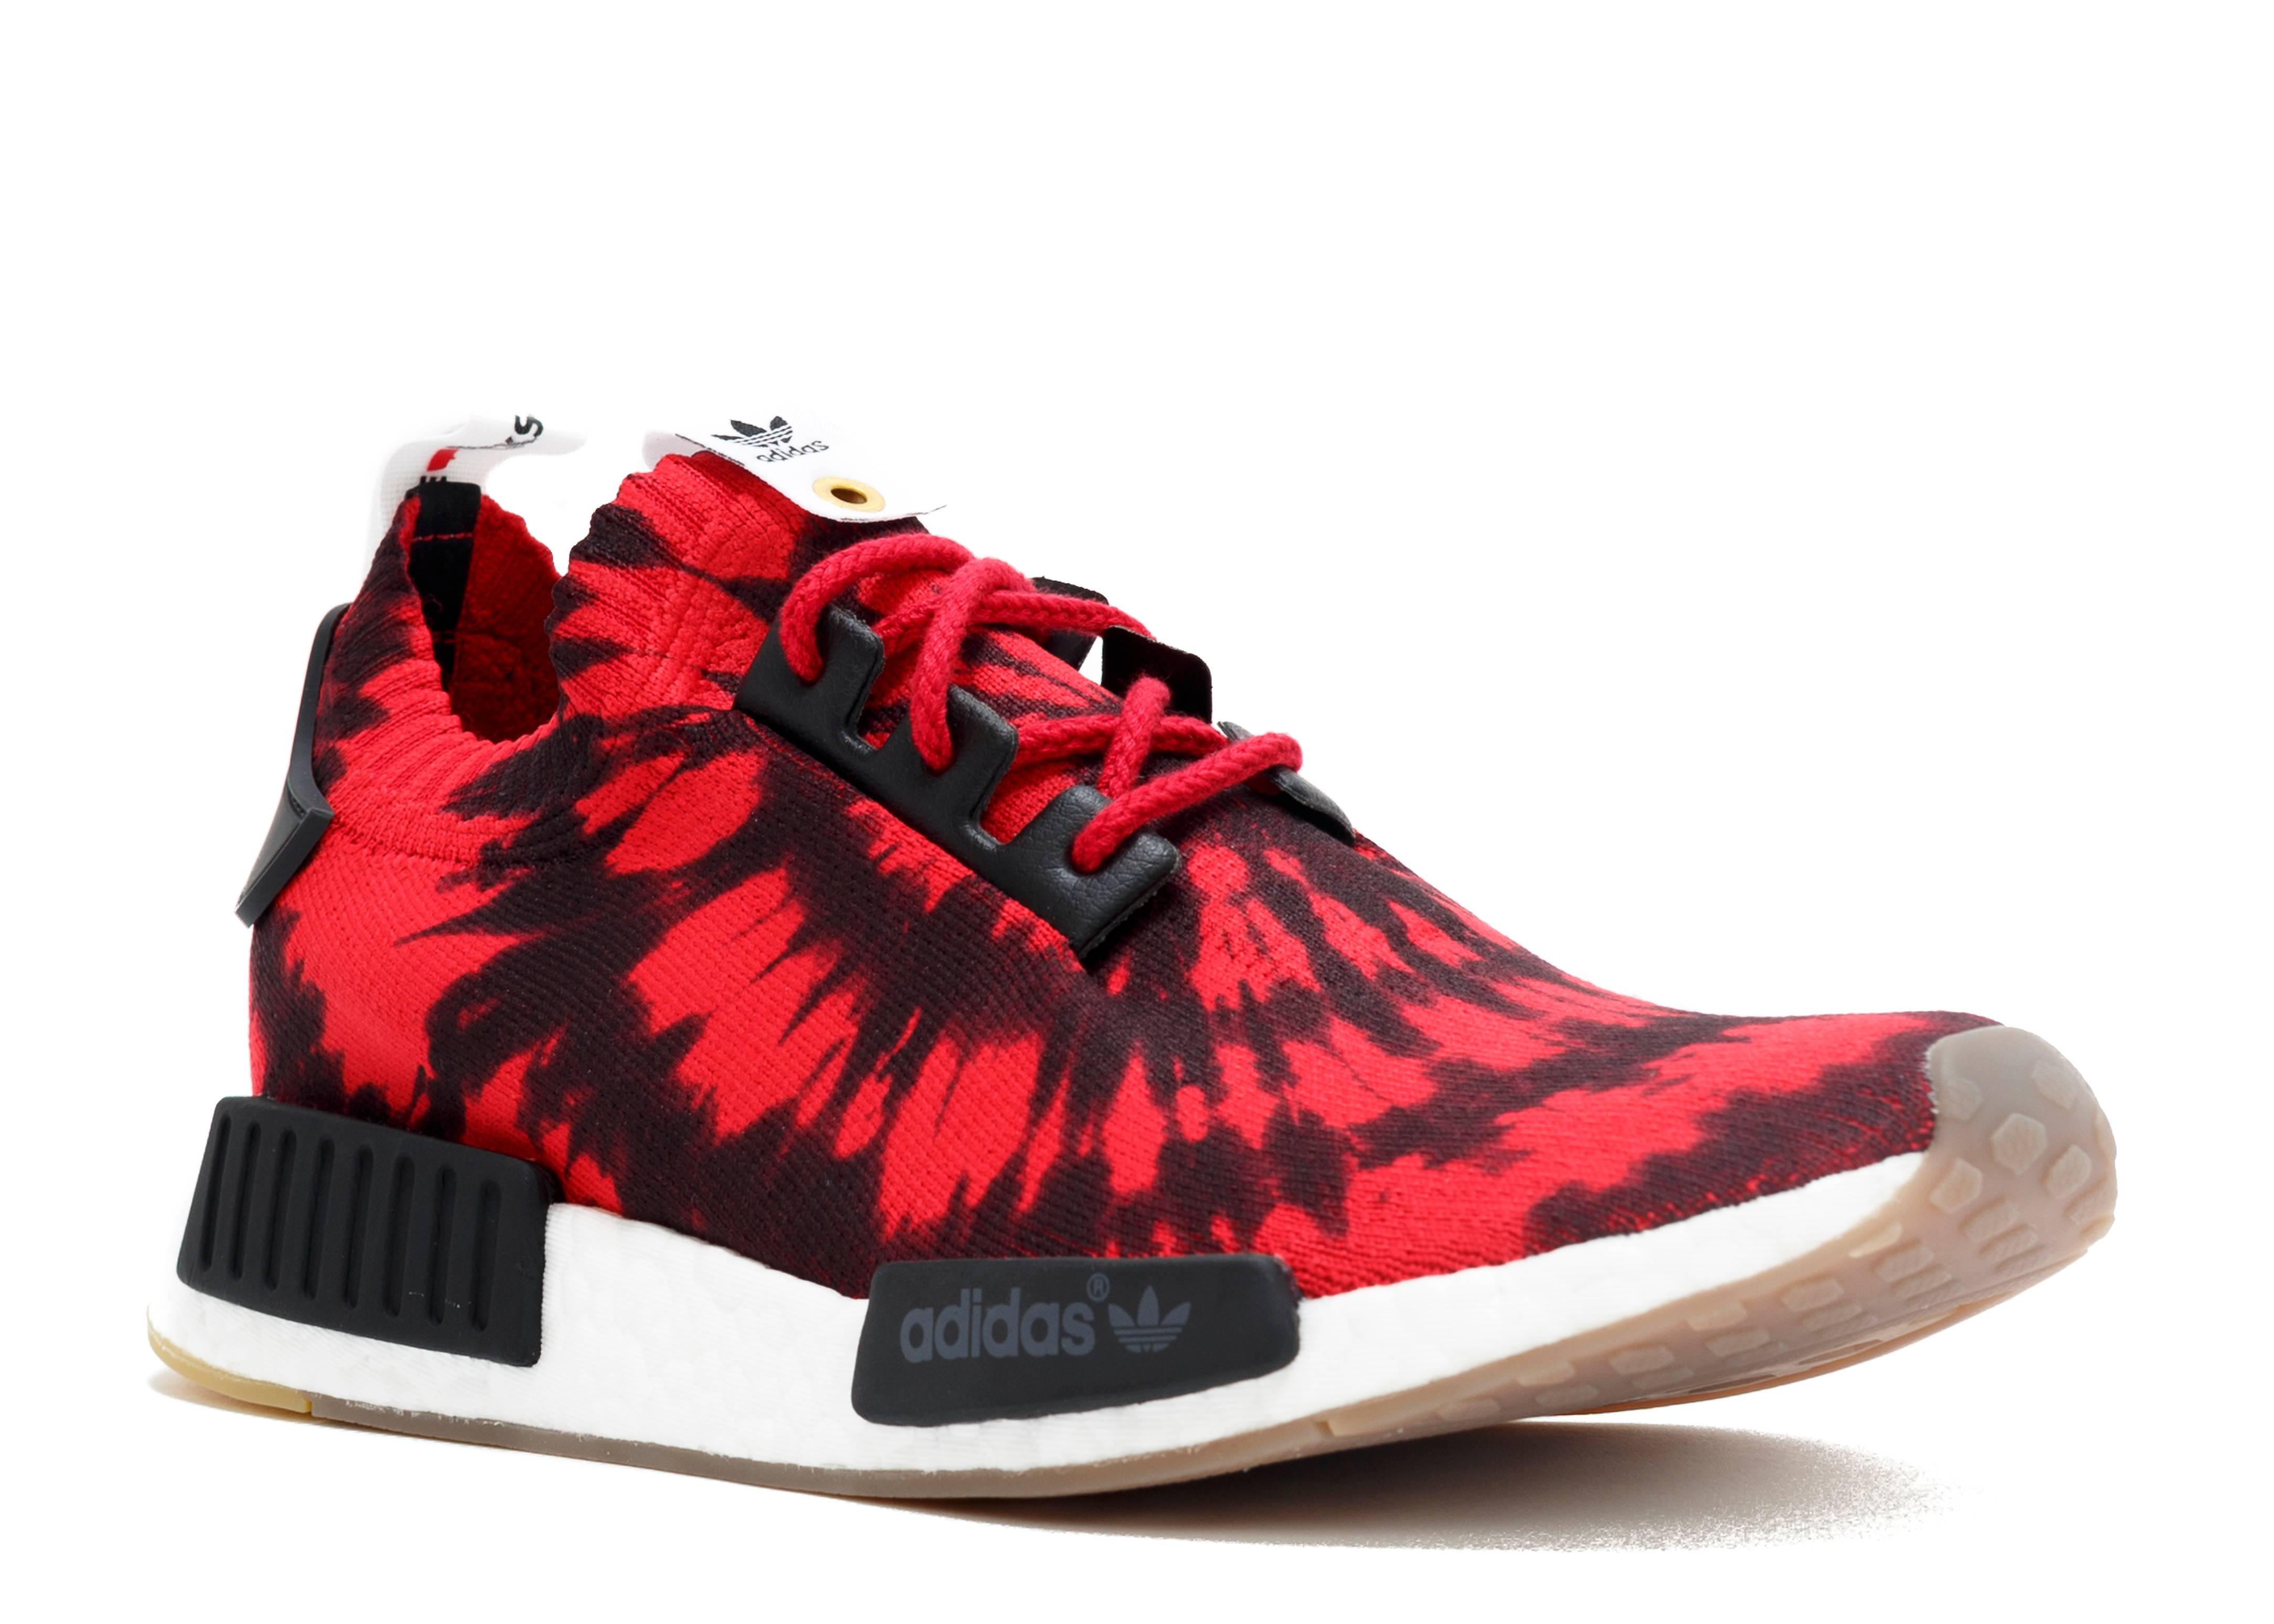 Nice Kicks X Nmd Runner Pk Red White Adidas Aq4791 Red